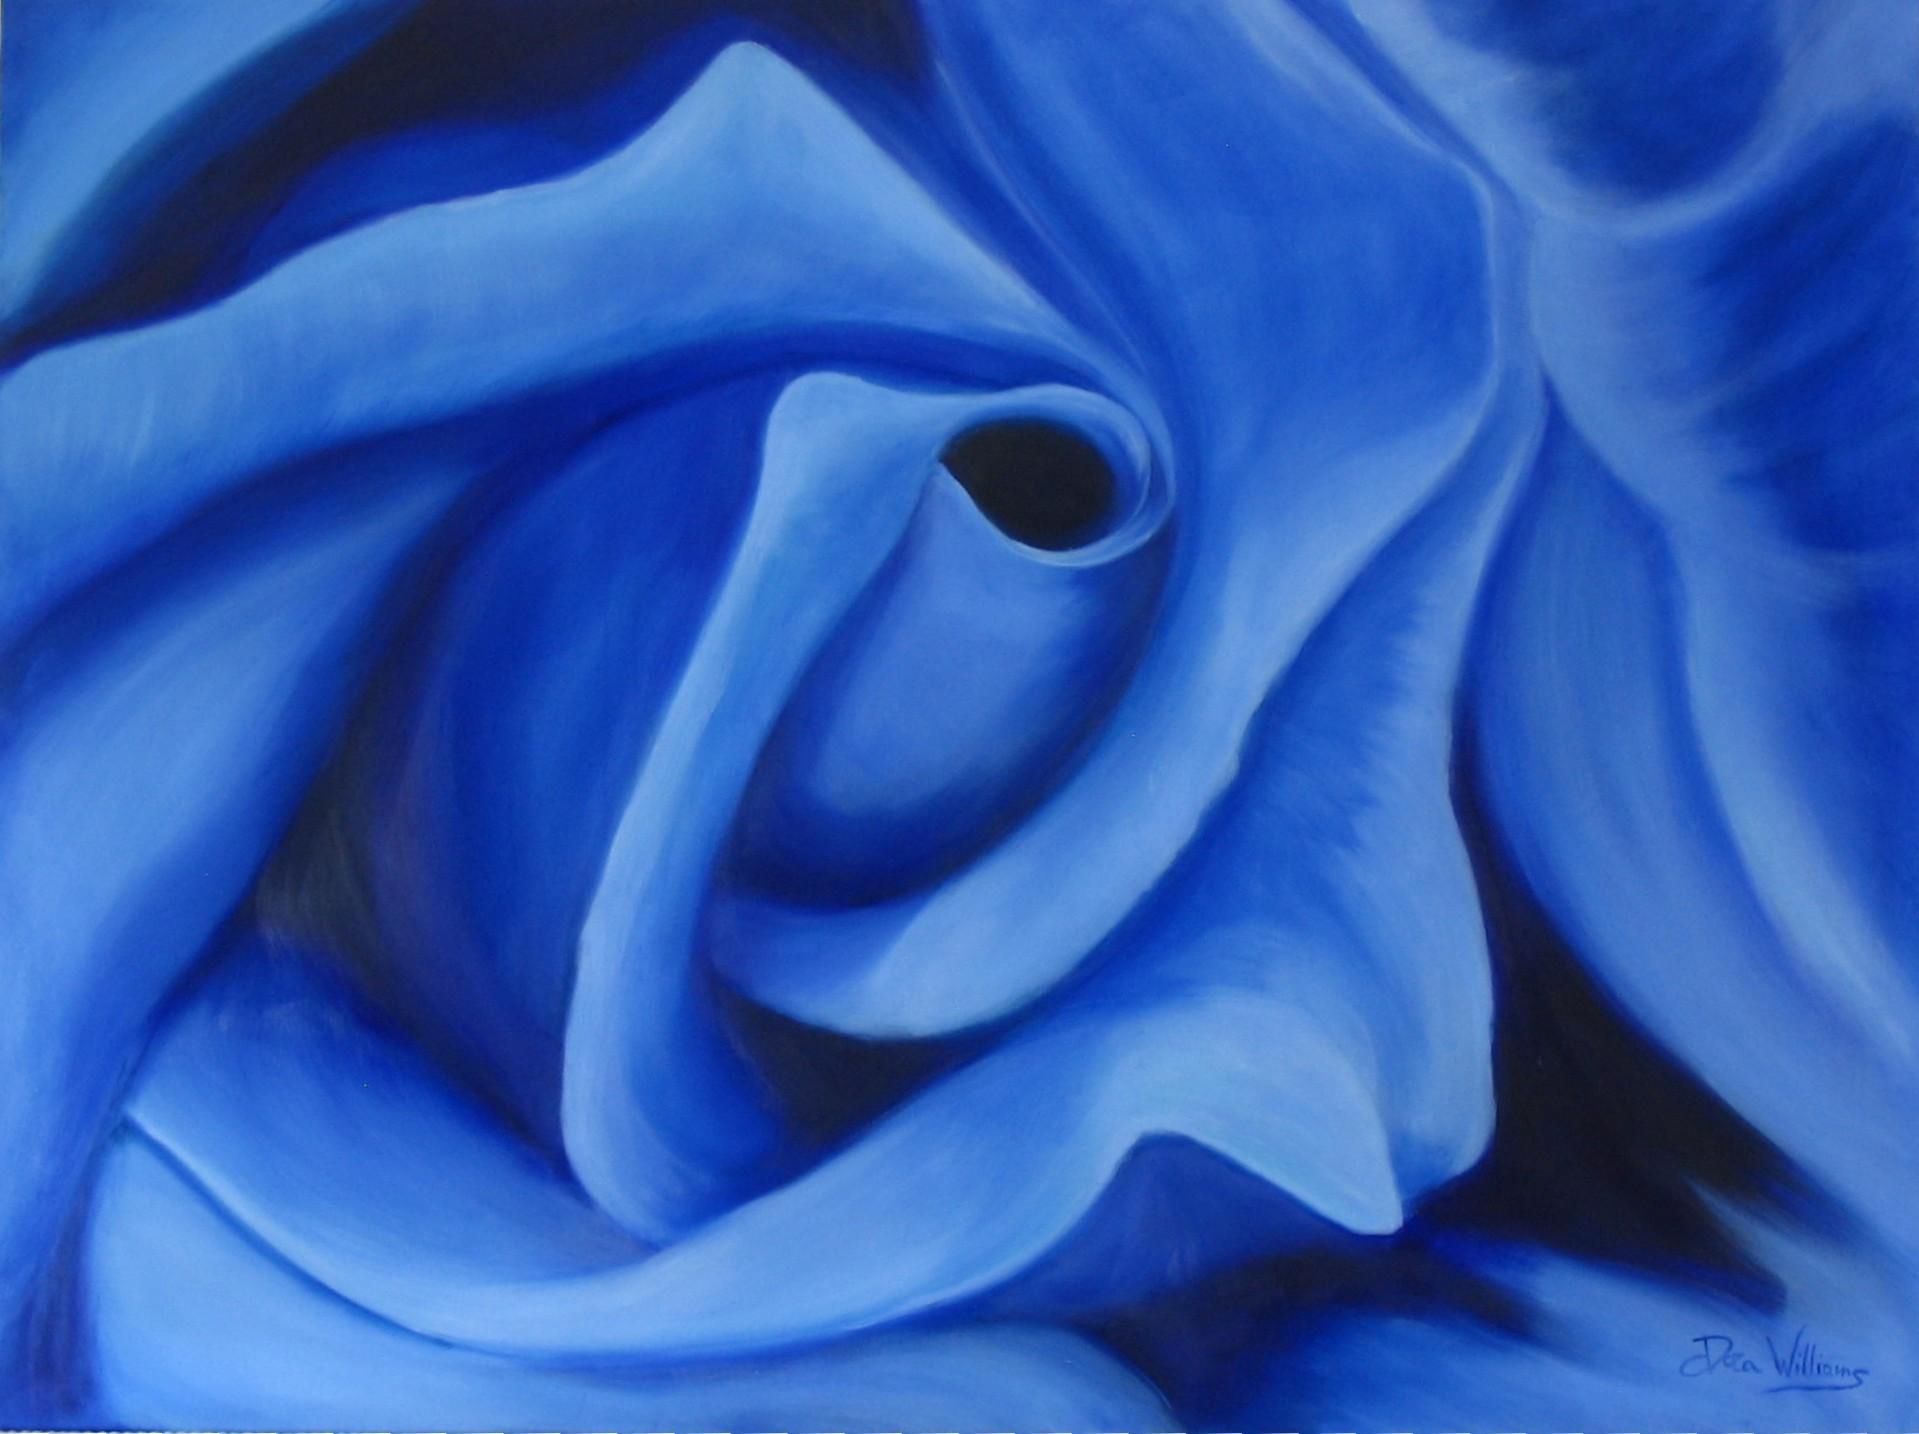 rosa blu final picture 17.01.06 002.jpg